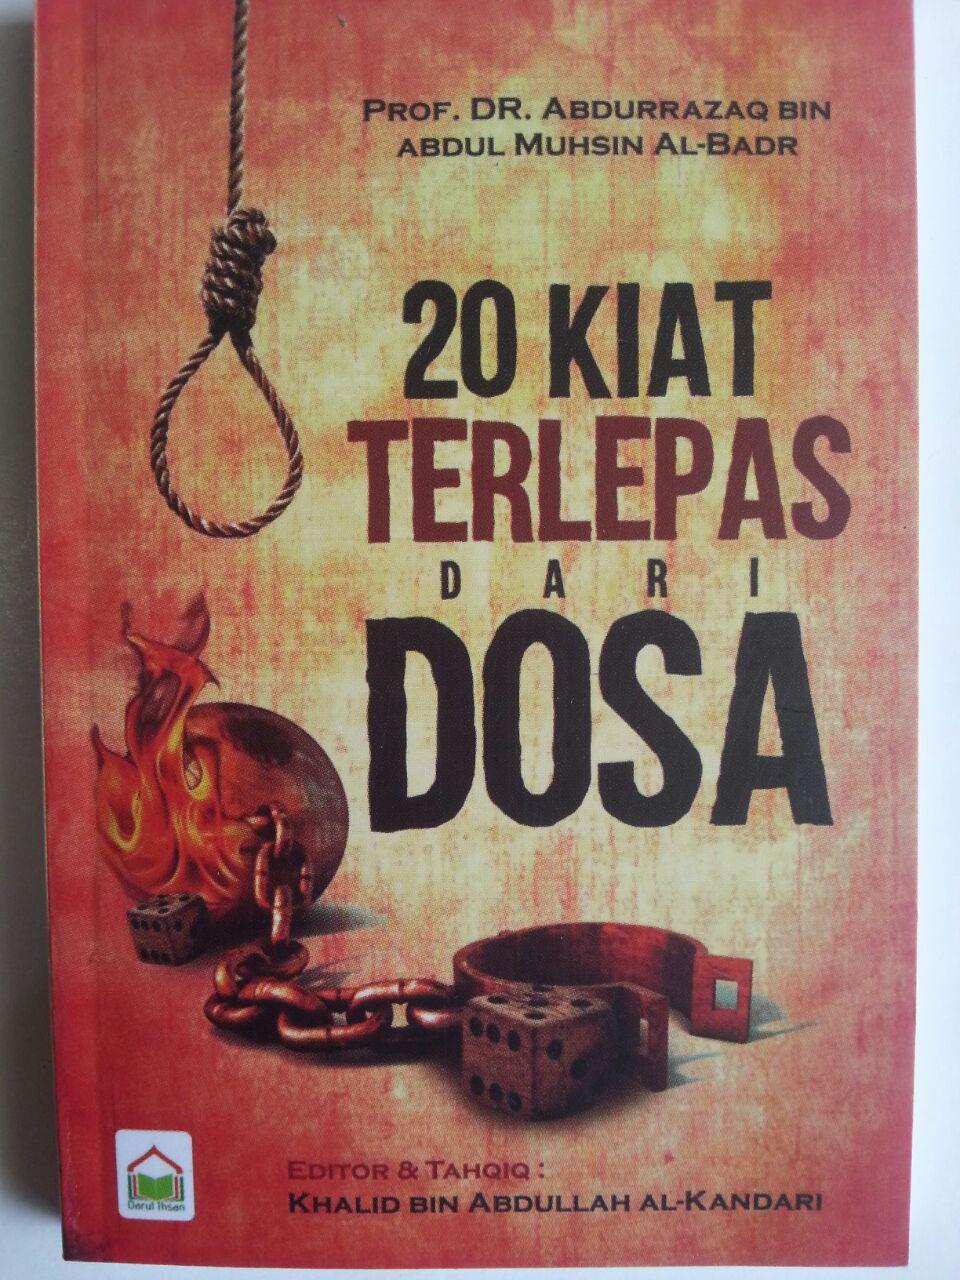 Buku Saku 20 Kiat Terlepas Dari Dosa cover 2